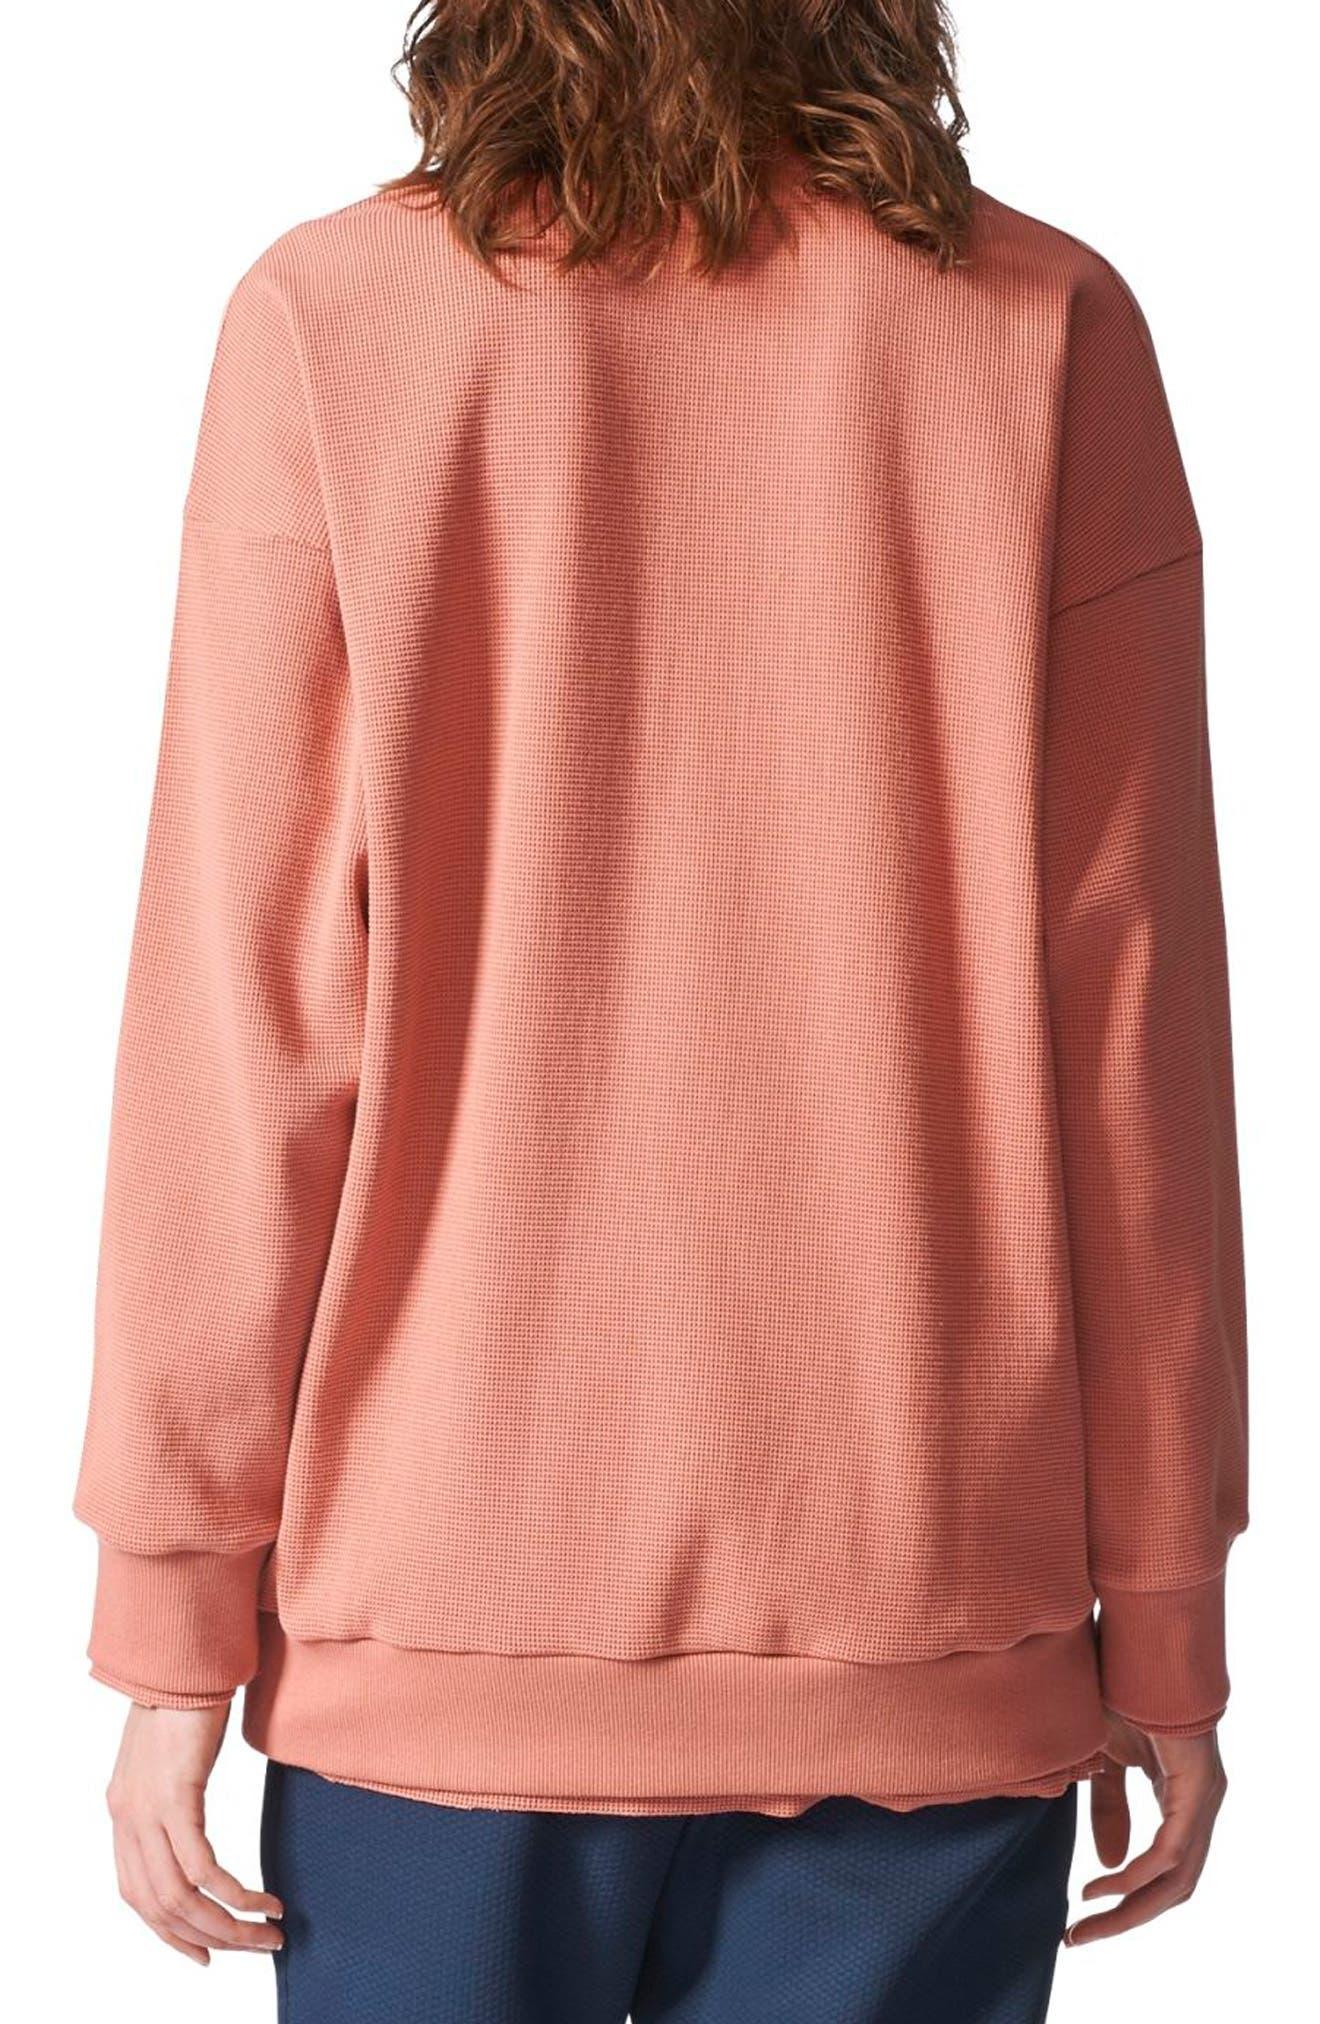 Originals Thermal Sweatshirt,                             Alternate thumbnail 2, color,                             Raw Pink